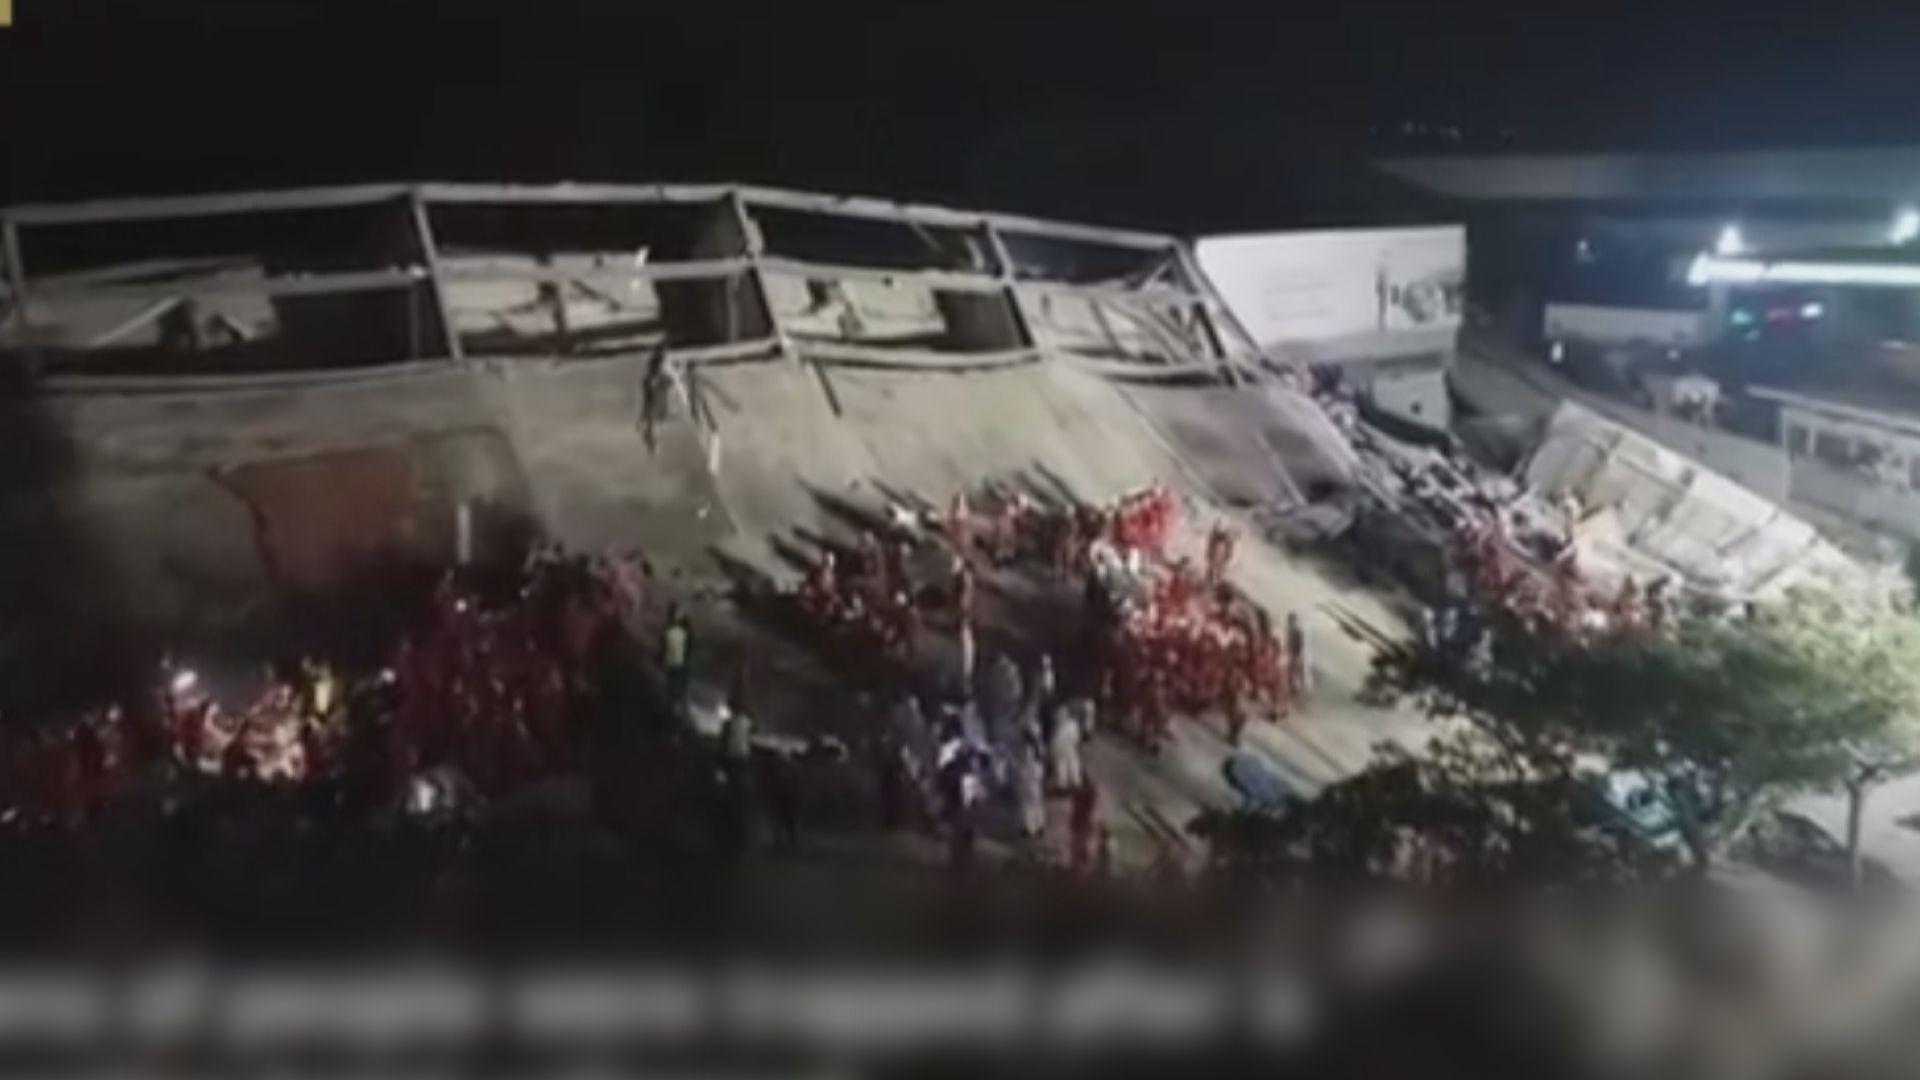 福建泉州用作隔離點酒店倒塌 增至10死